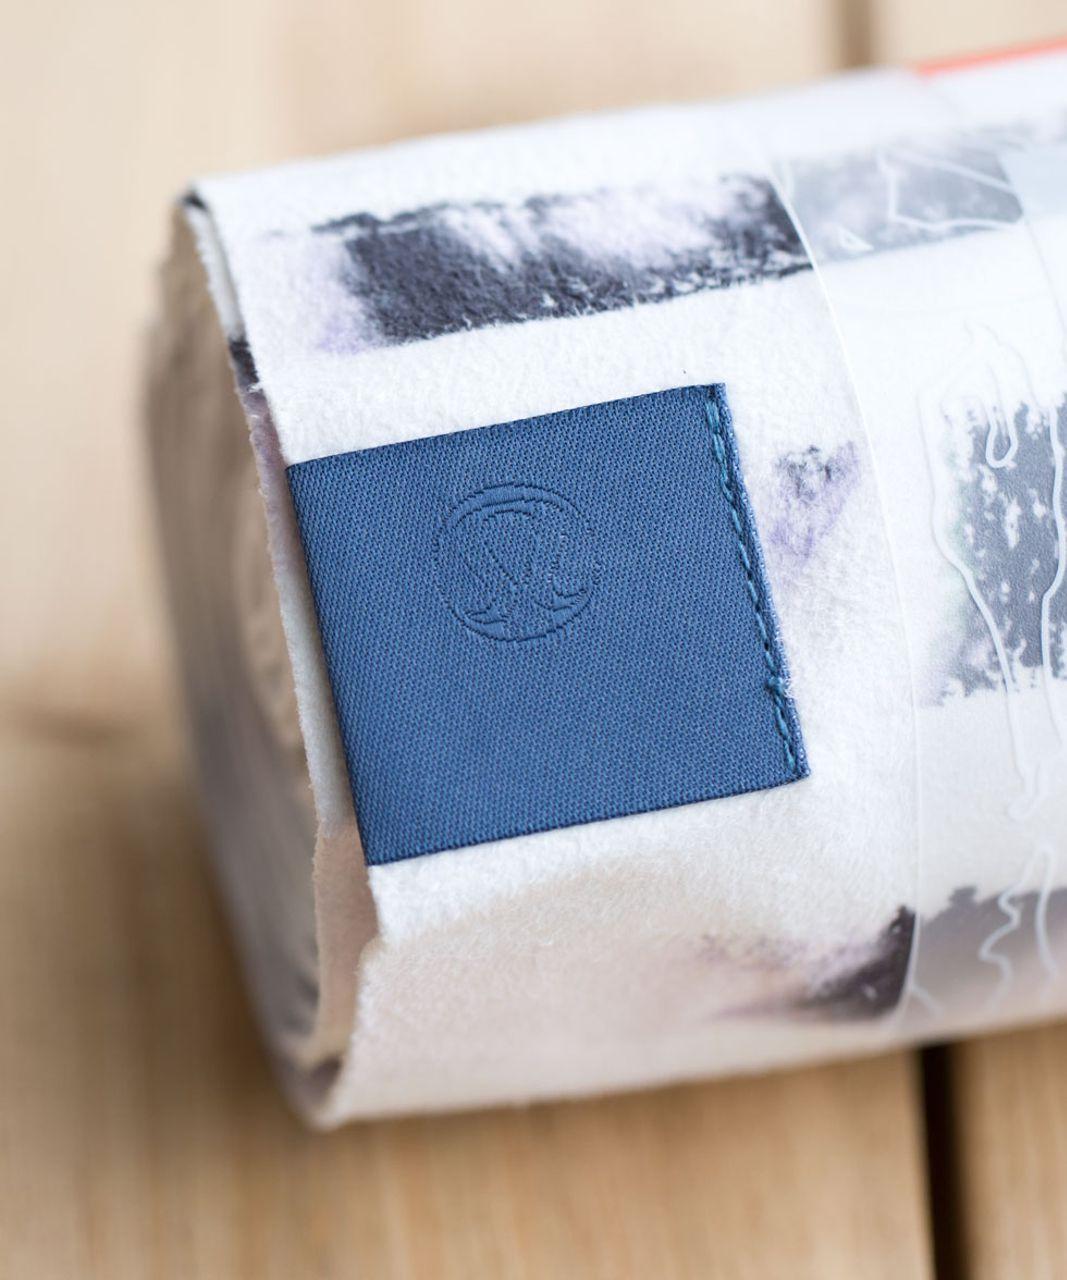 Lululemon The Towel - Sunset Stripe Blush Quartz Multi